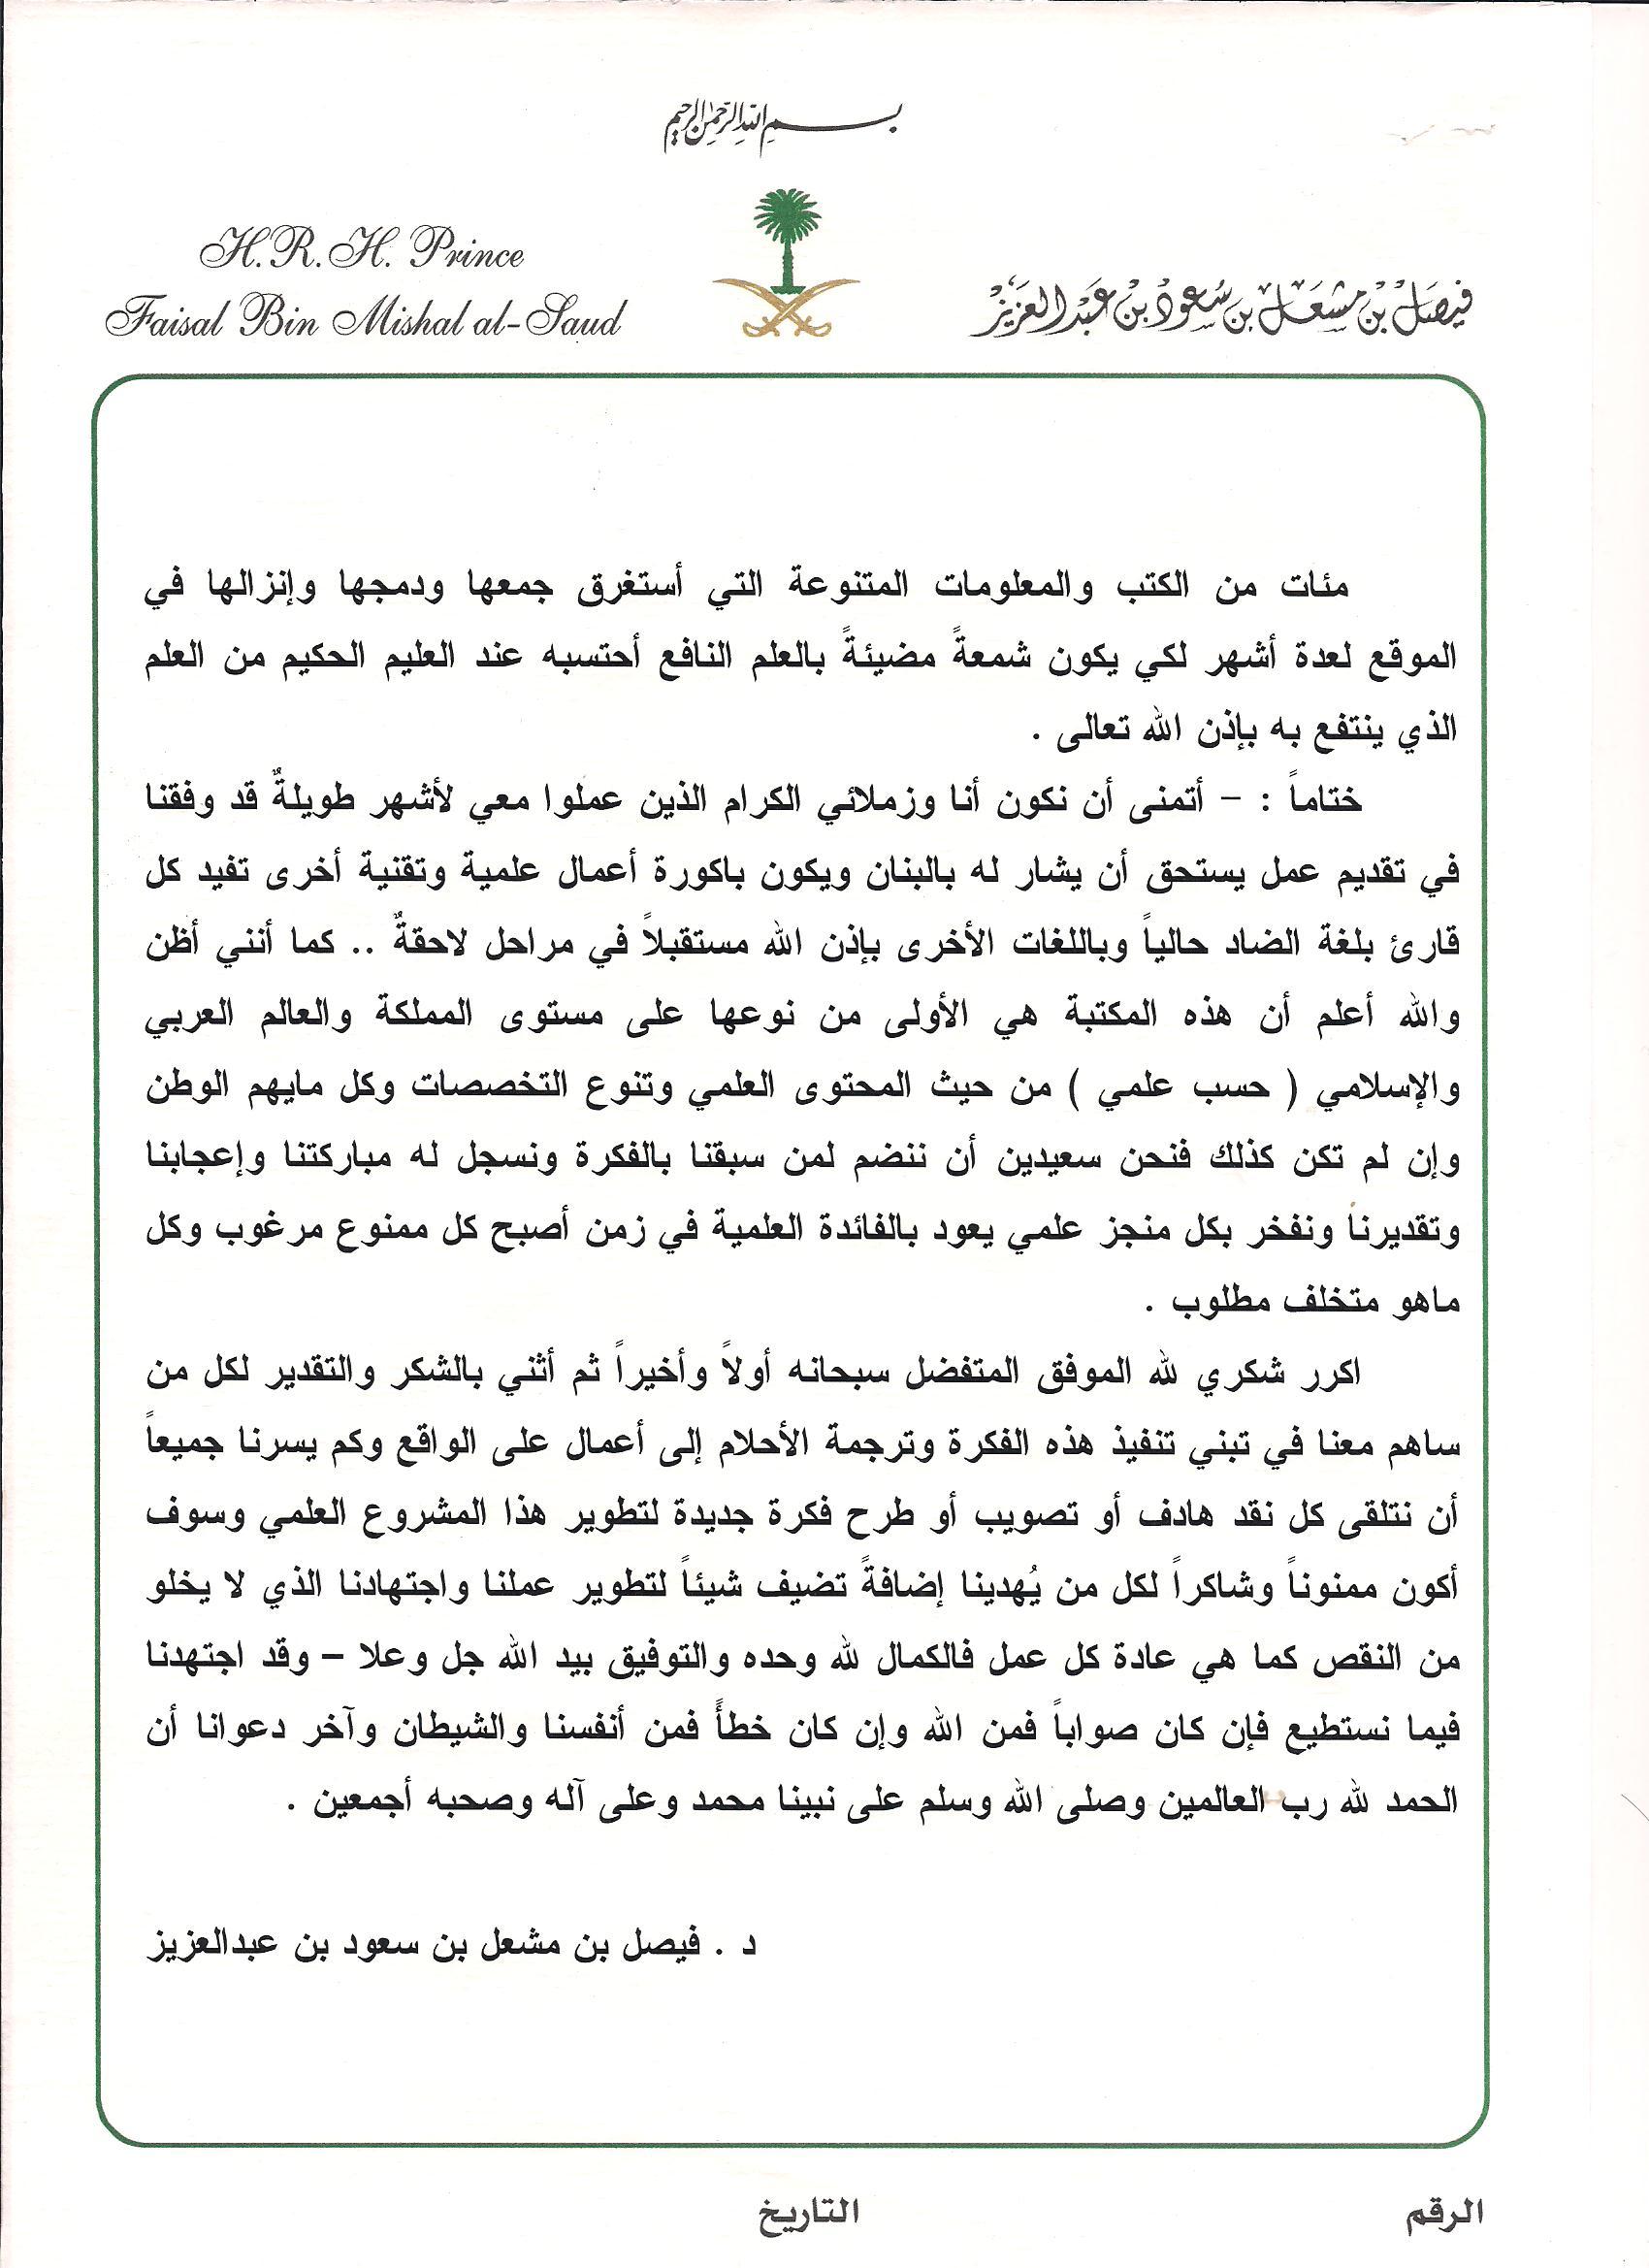 كلمة الافتتاح المكتبة الرقمية للدكتور فيصل بن مشعل بن سعود بن عبدالعزيز